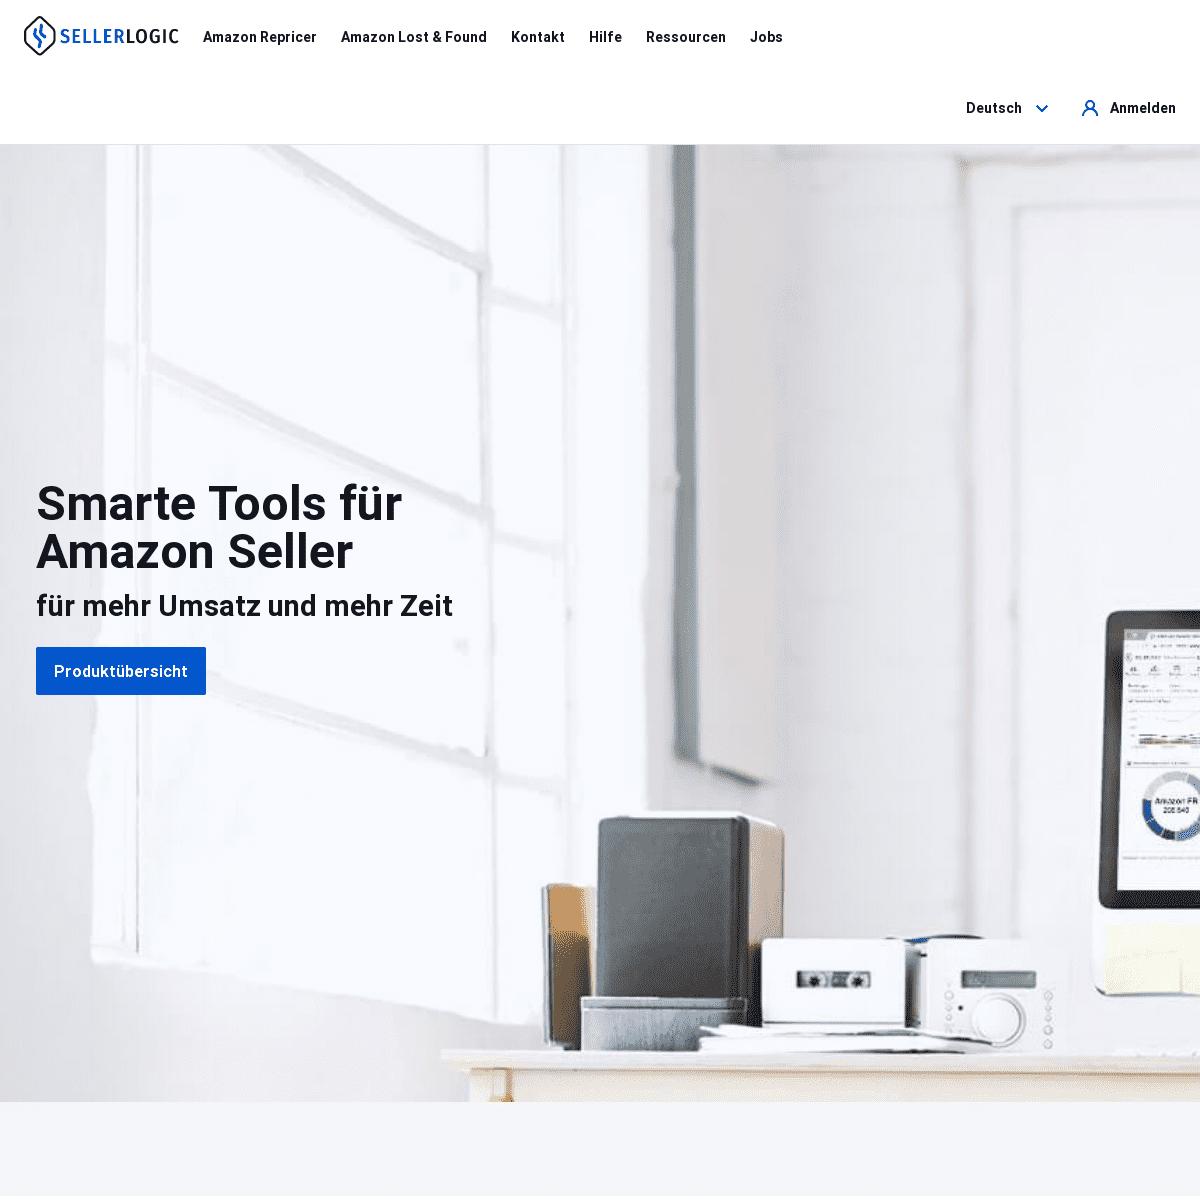 SellerLogic - Smarte Tools für Amazon Verkäufer